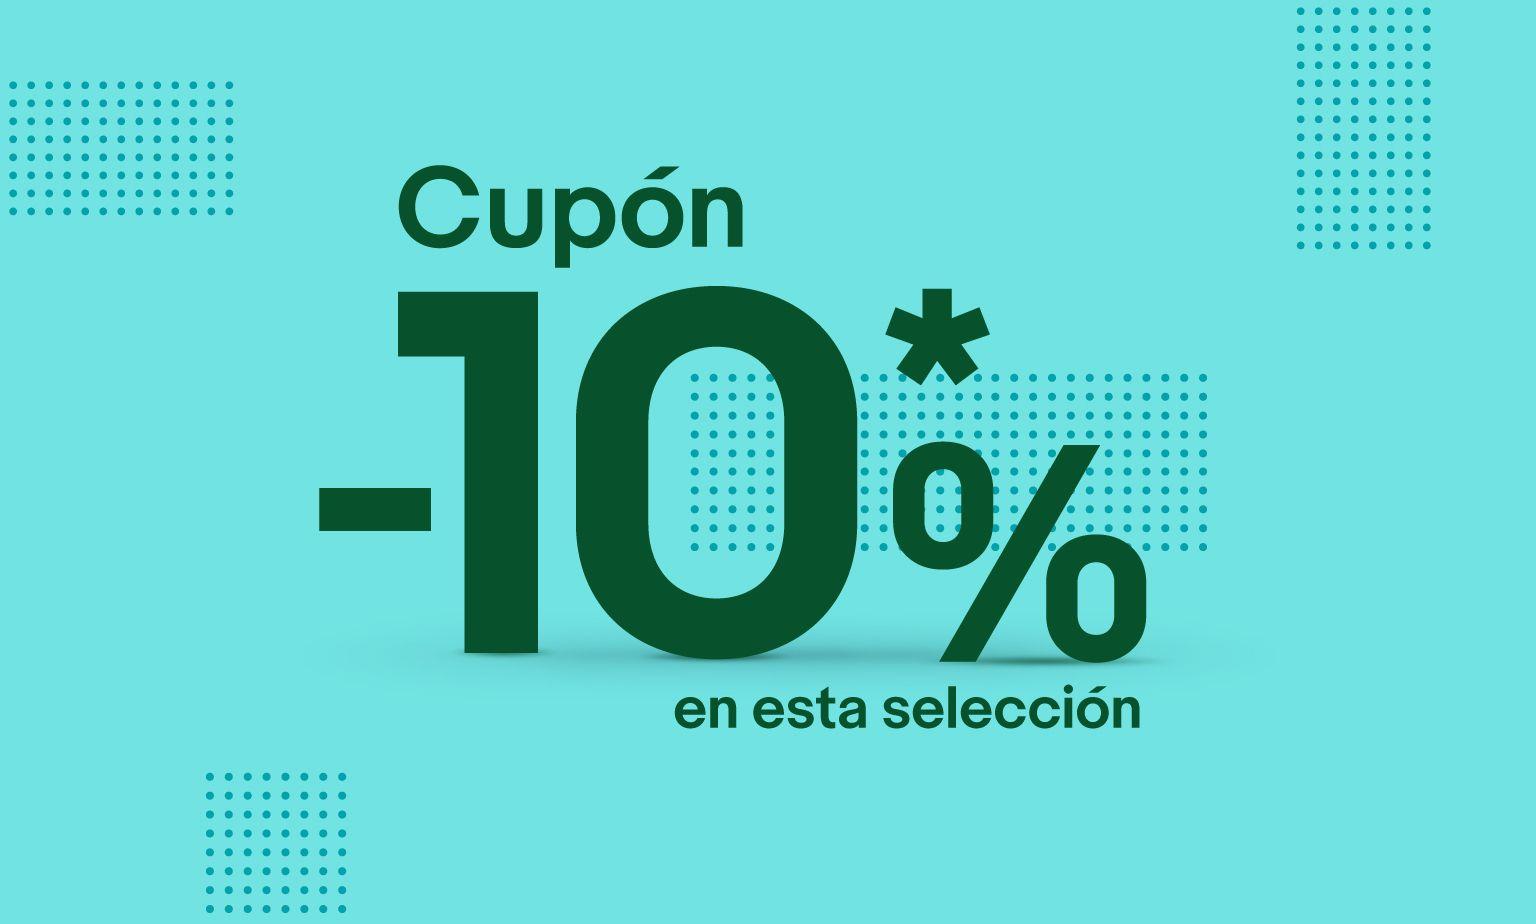 Código de descuento del 10% en eBay selección